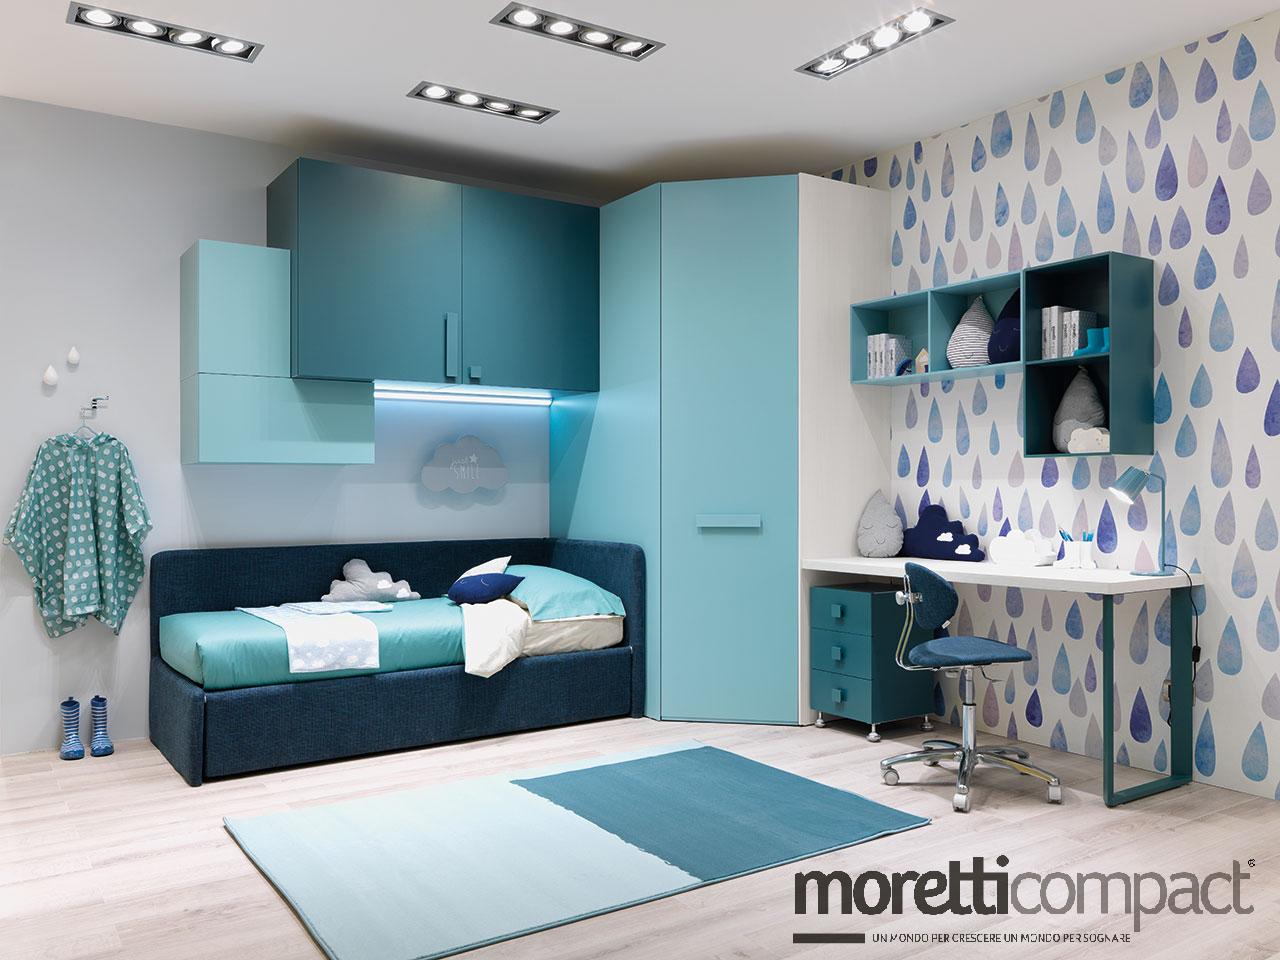 Letti A Castello Moretti Compact.Rivenditore Camerette Moretti Compact